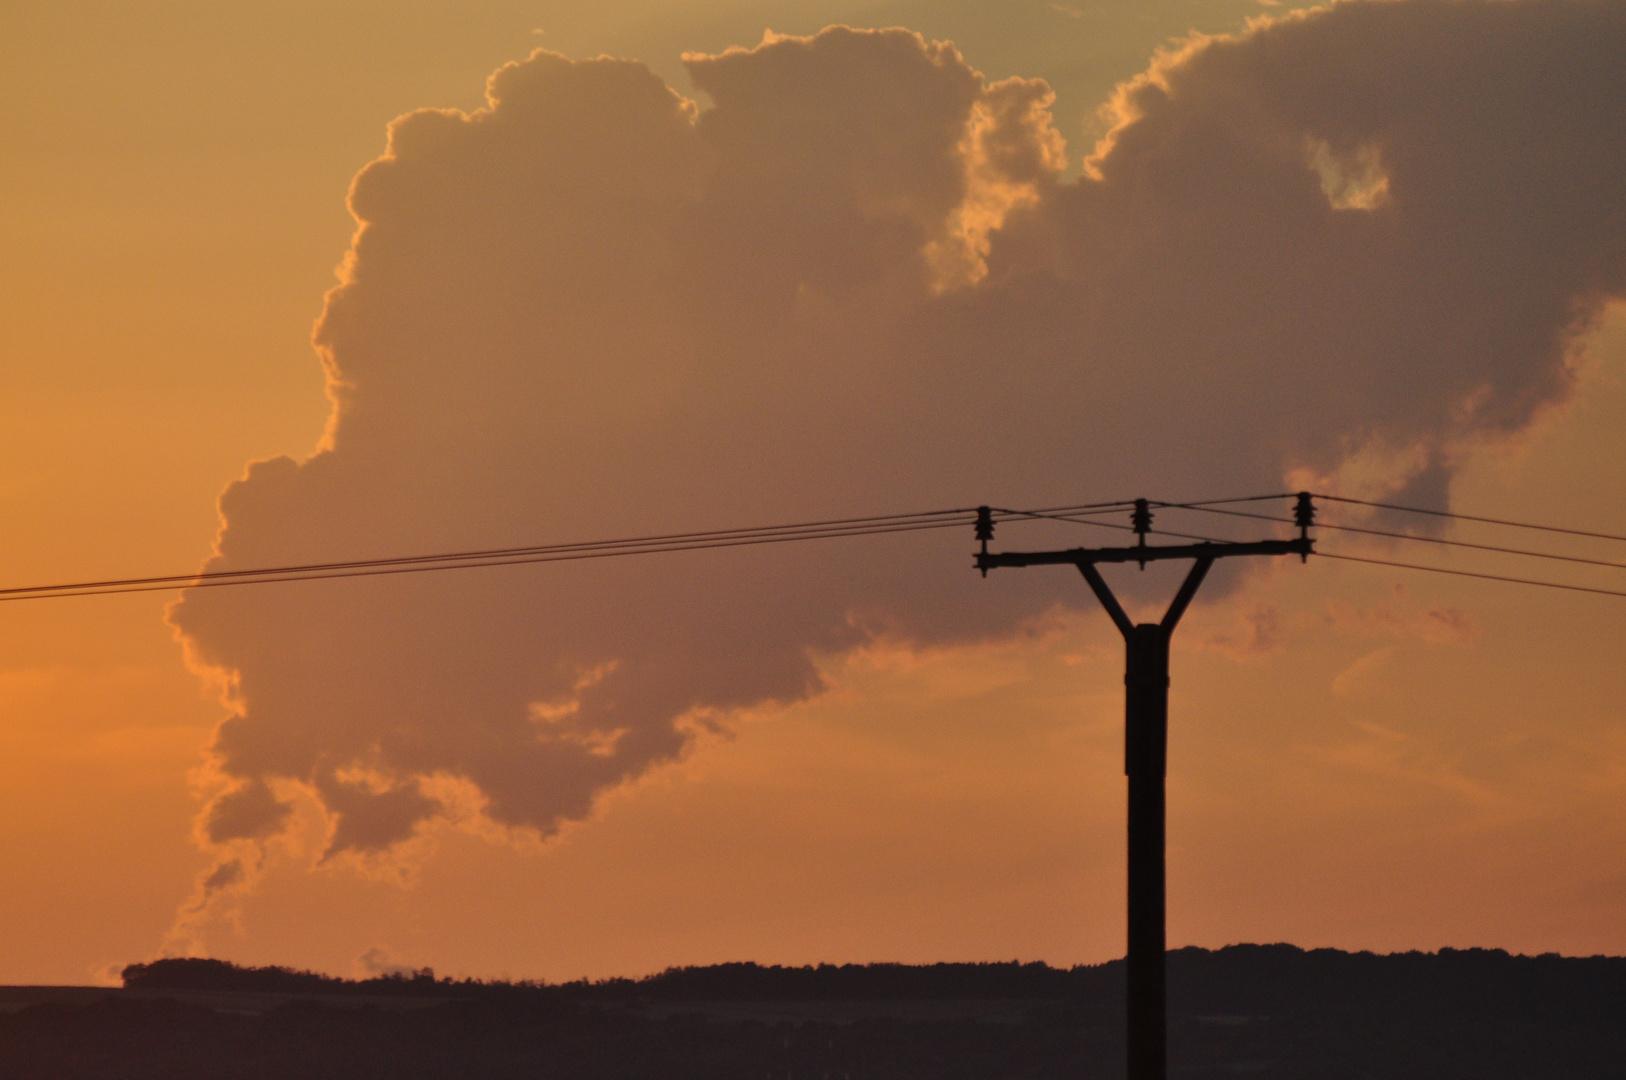 Sonnenstrom statt Cattenom -  Central-solaire a la place de Cattenom